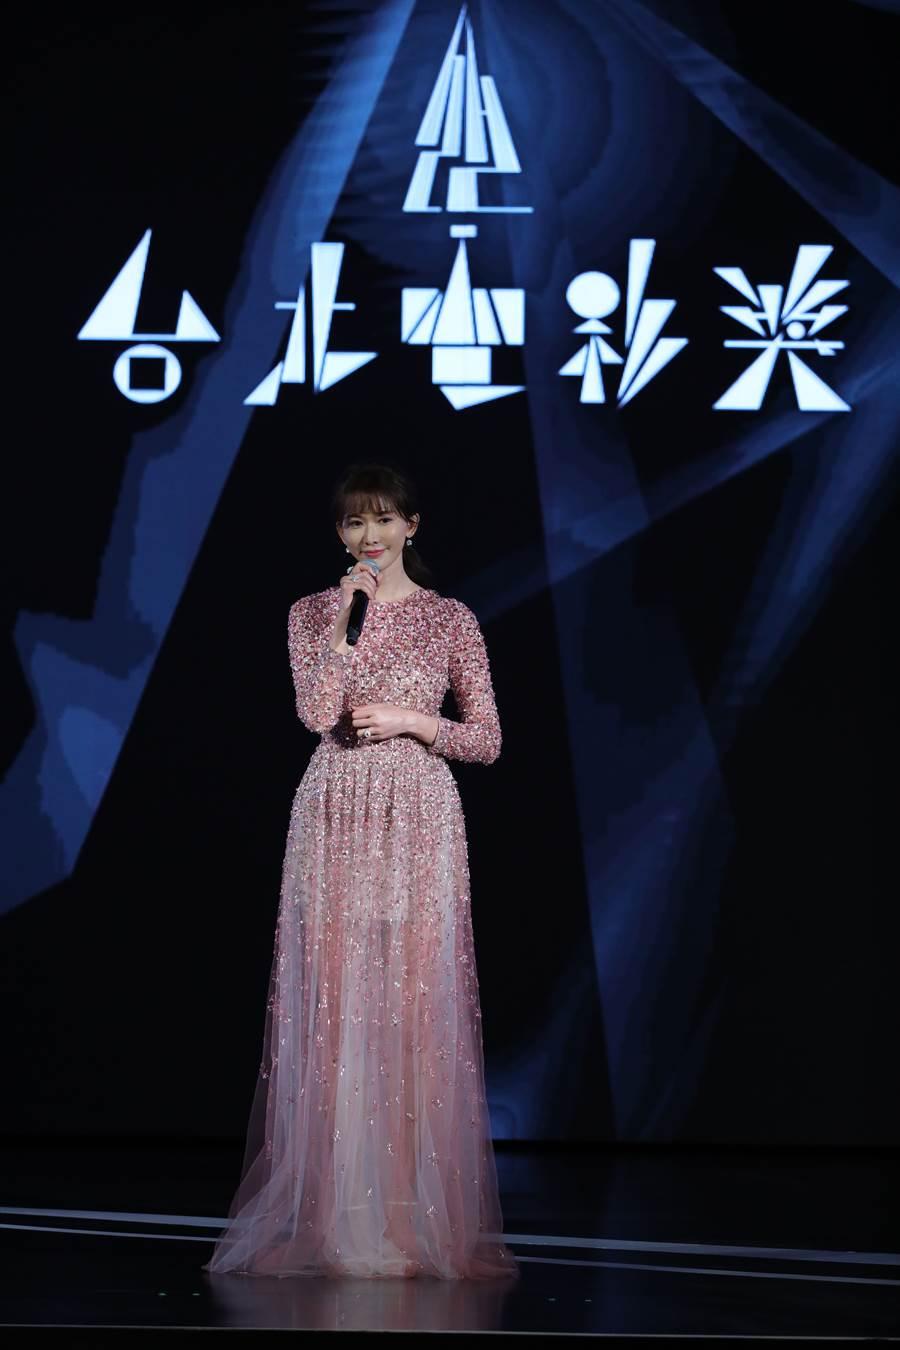 林志玲一襲粉色薄紗禮服現身。(圖/台北電影節提供)